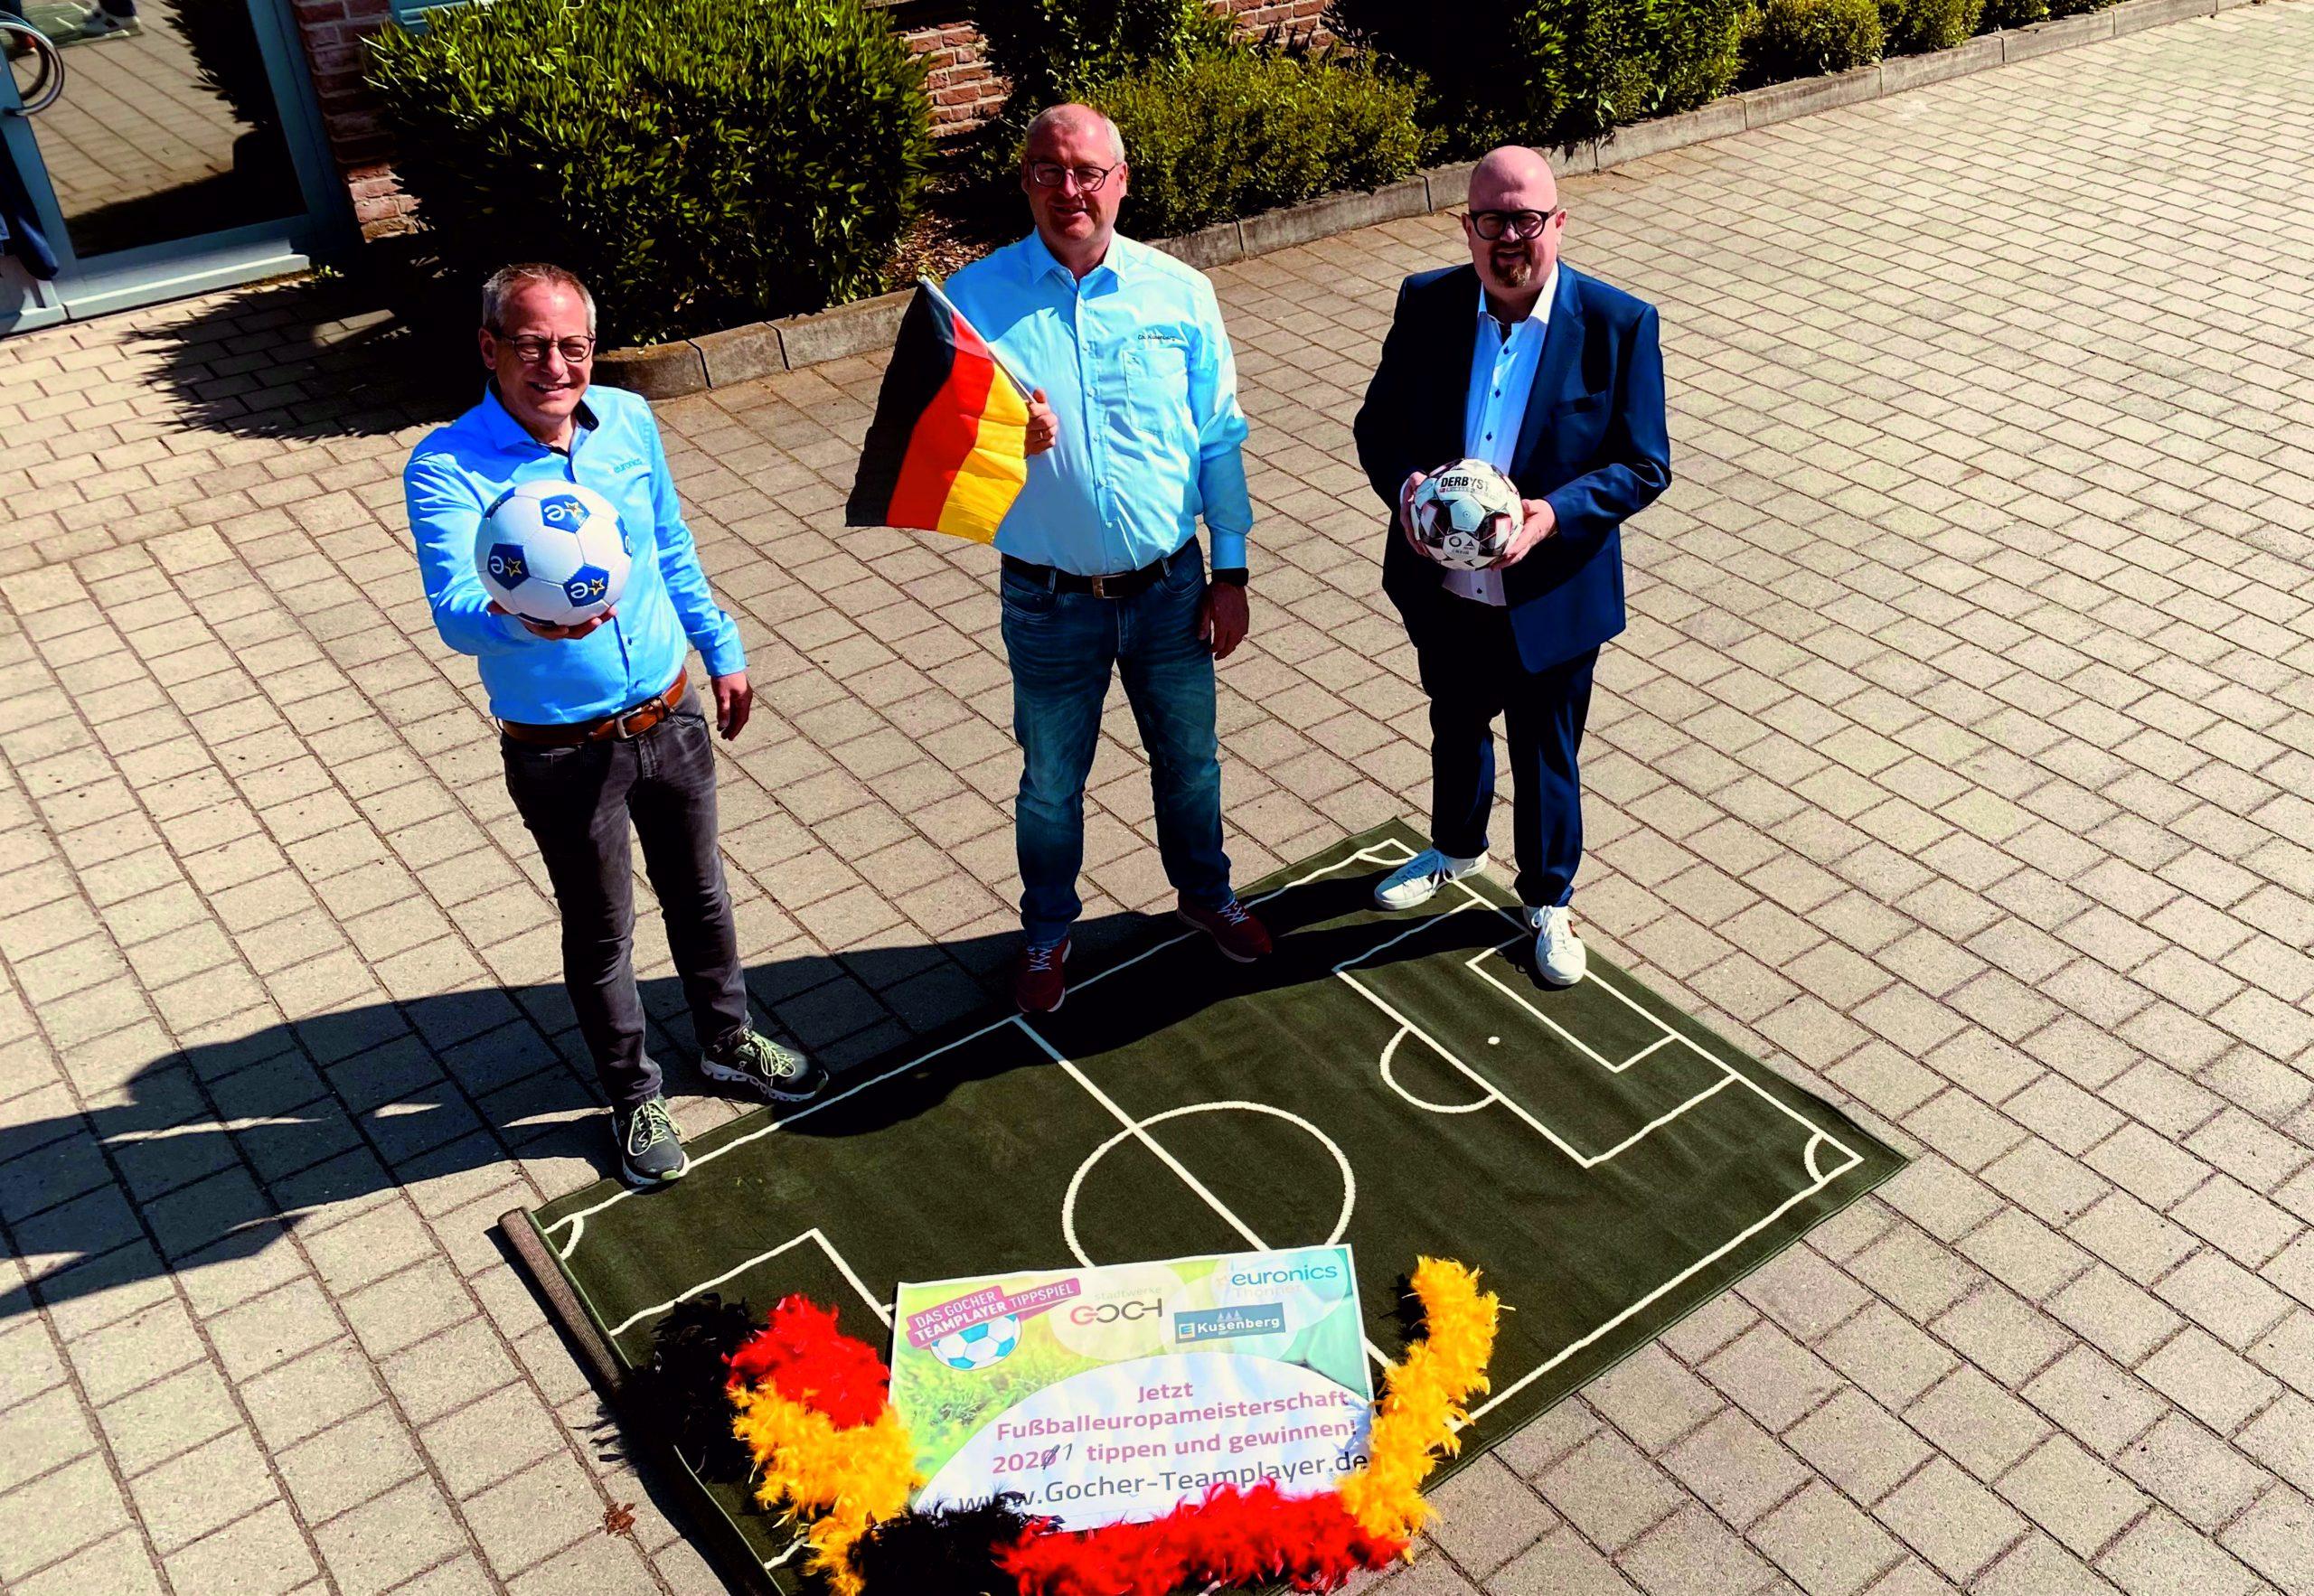 Jörg Thonnet von Euronics Thonnet, Christian Kusenberg, Geschäftsführer von EDEKA Kusenberg und Carlo Marks, Geschäftsführer der Stadtwerke Goch GmbH